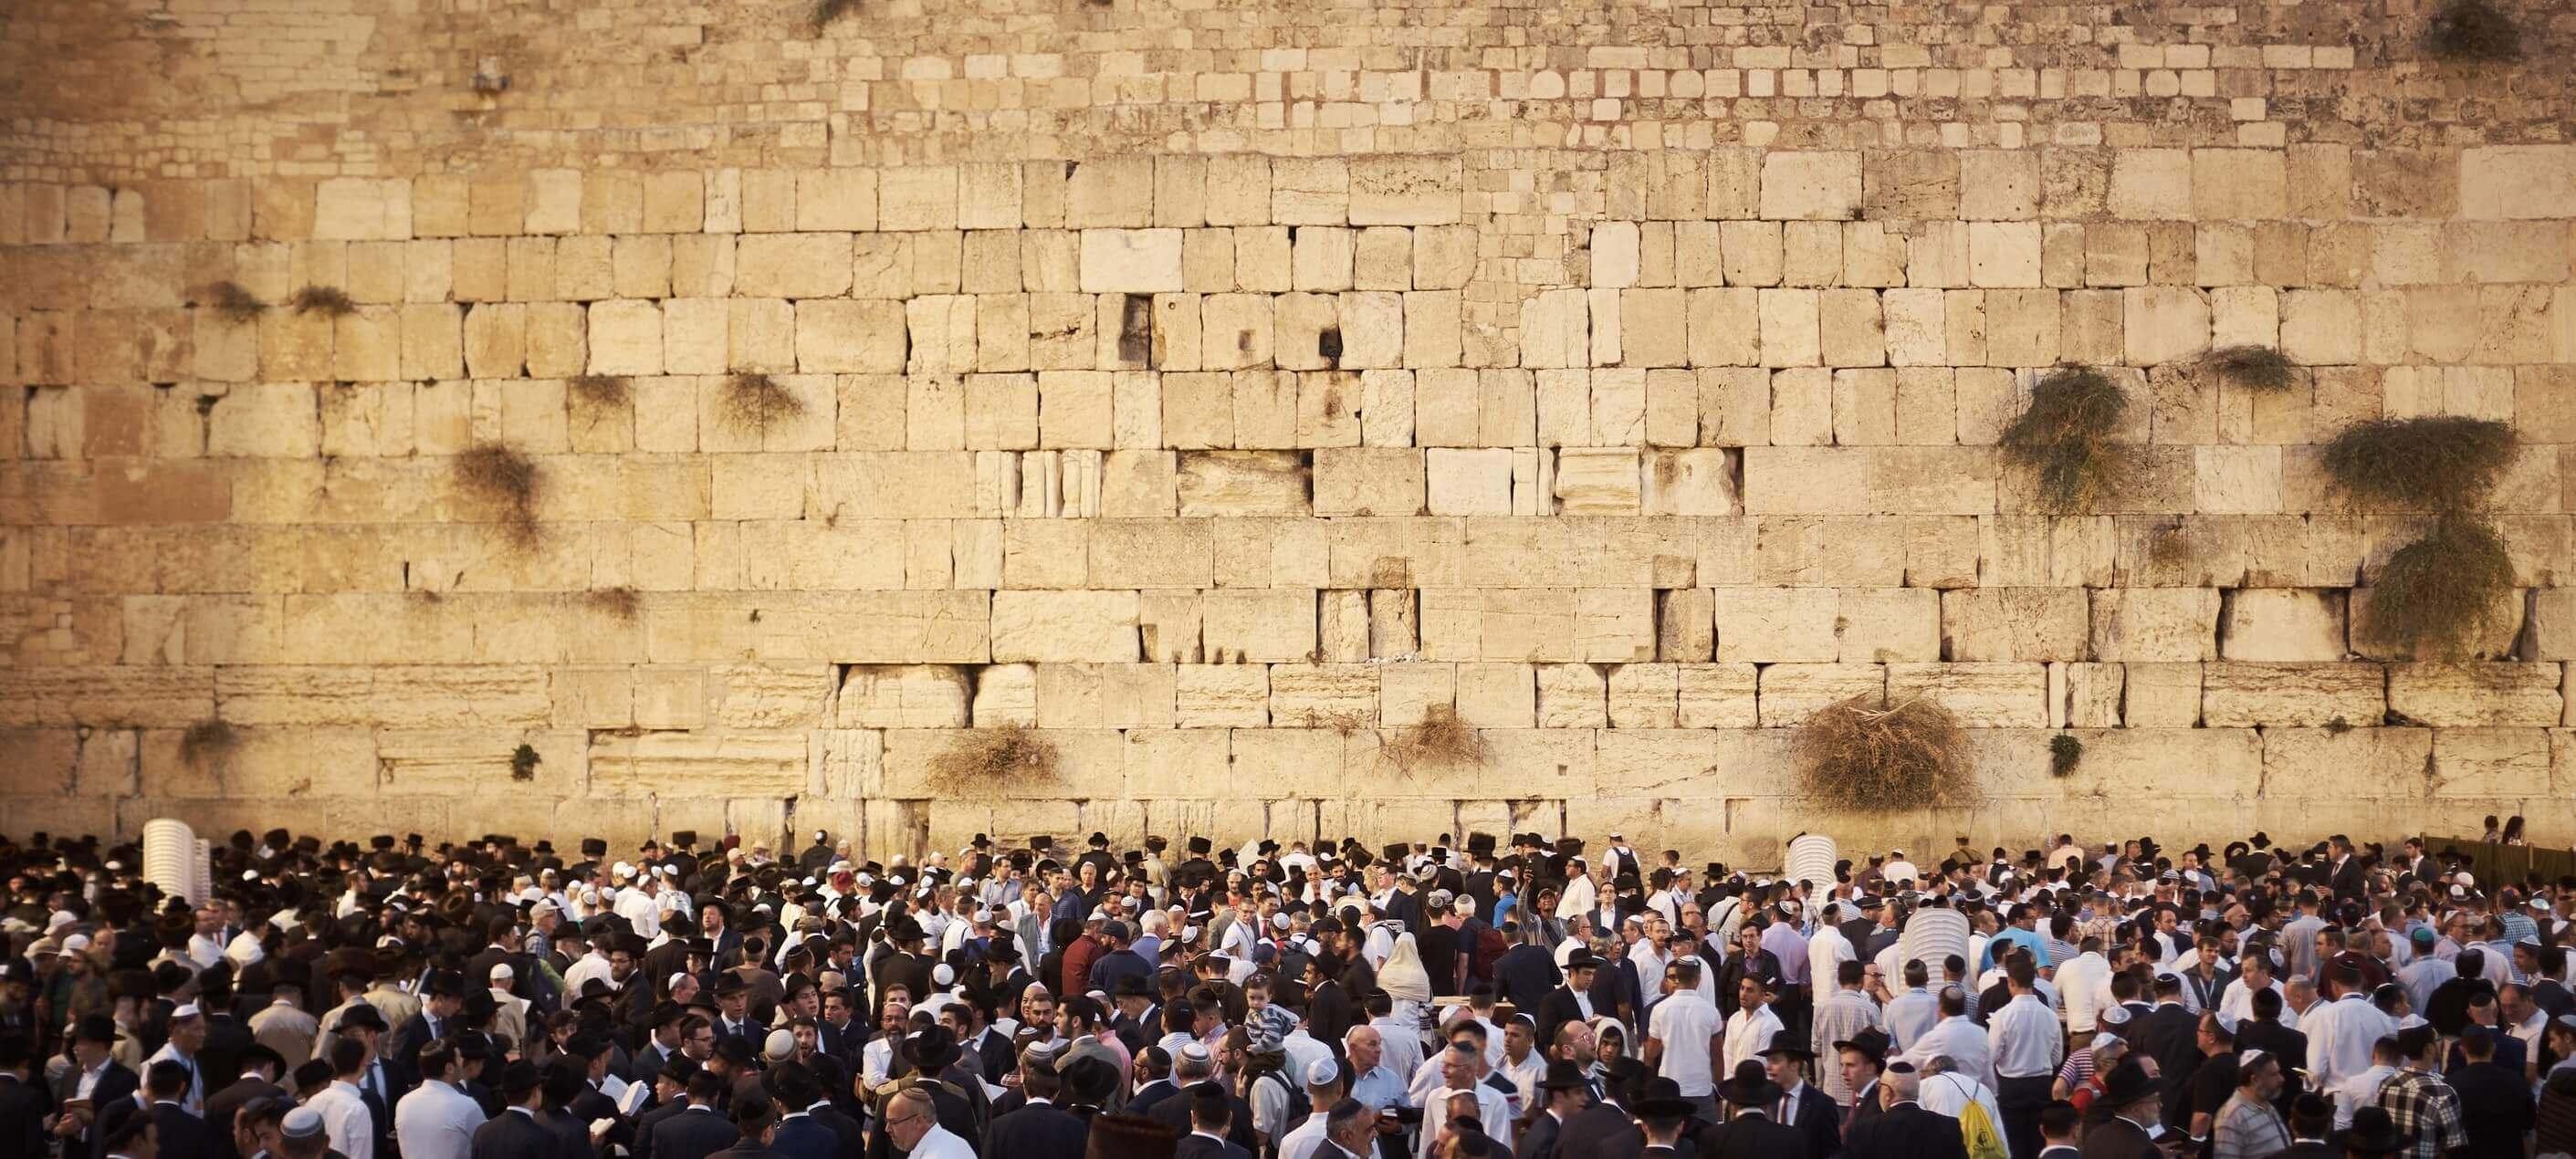 8 городов Израиля: куда лучше поехать и чем там заняться